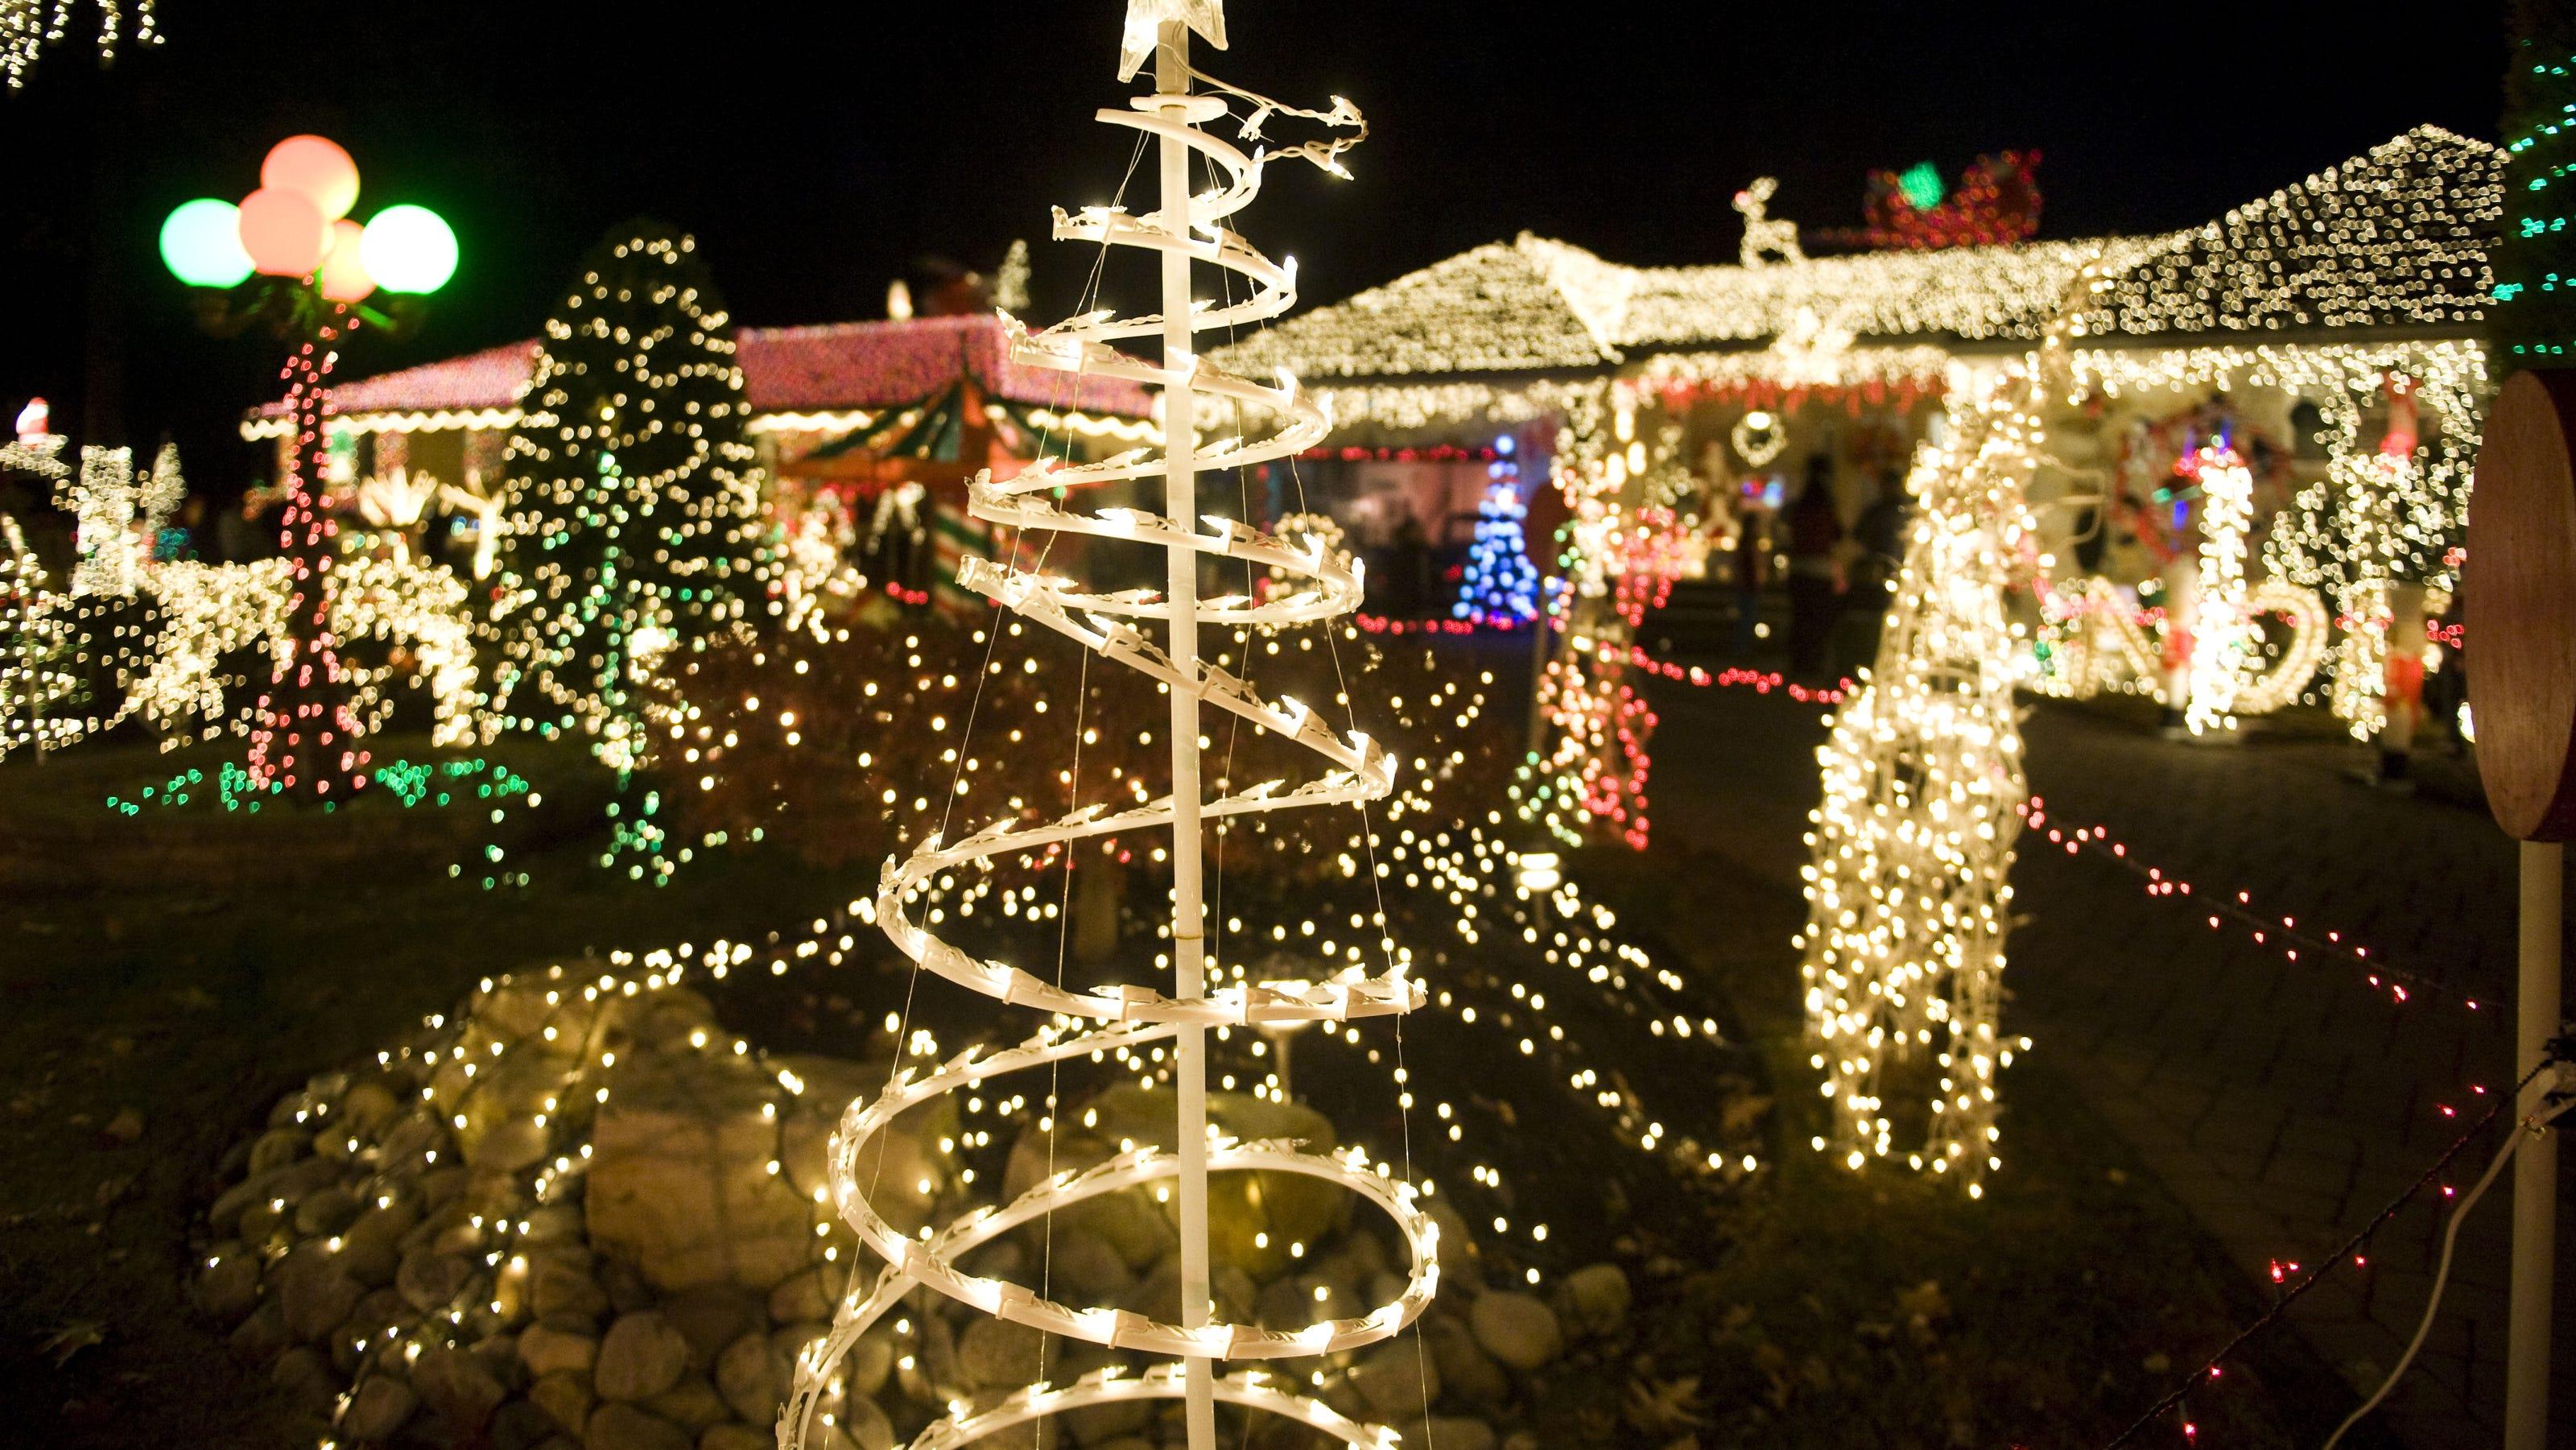 christmas lights in nj beloved lights display in cherry hill will end christmas lights in nj beloved lights